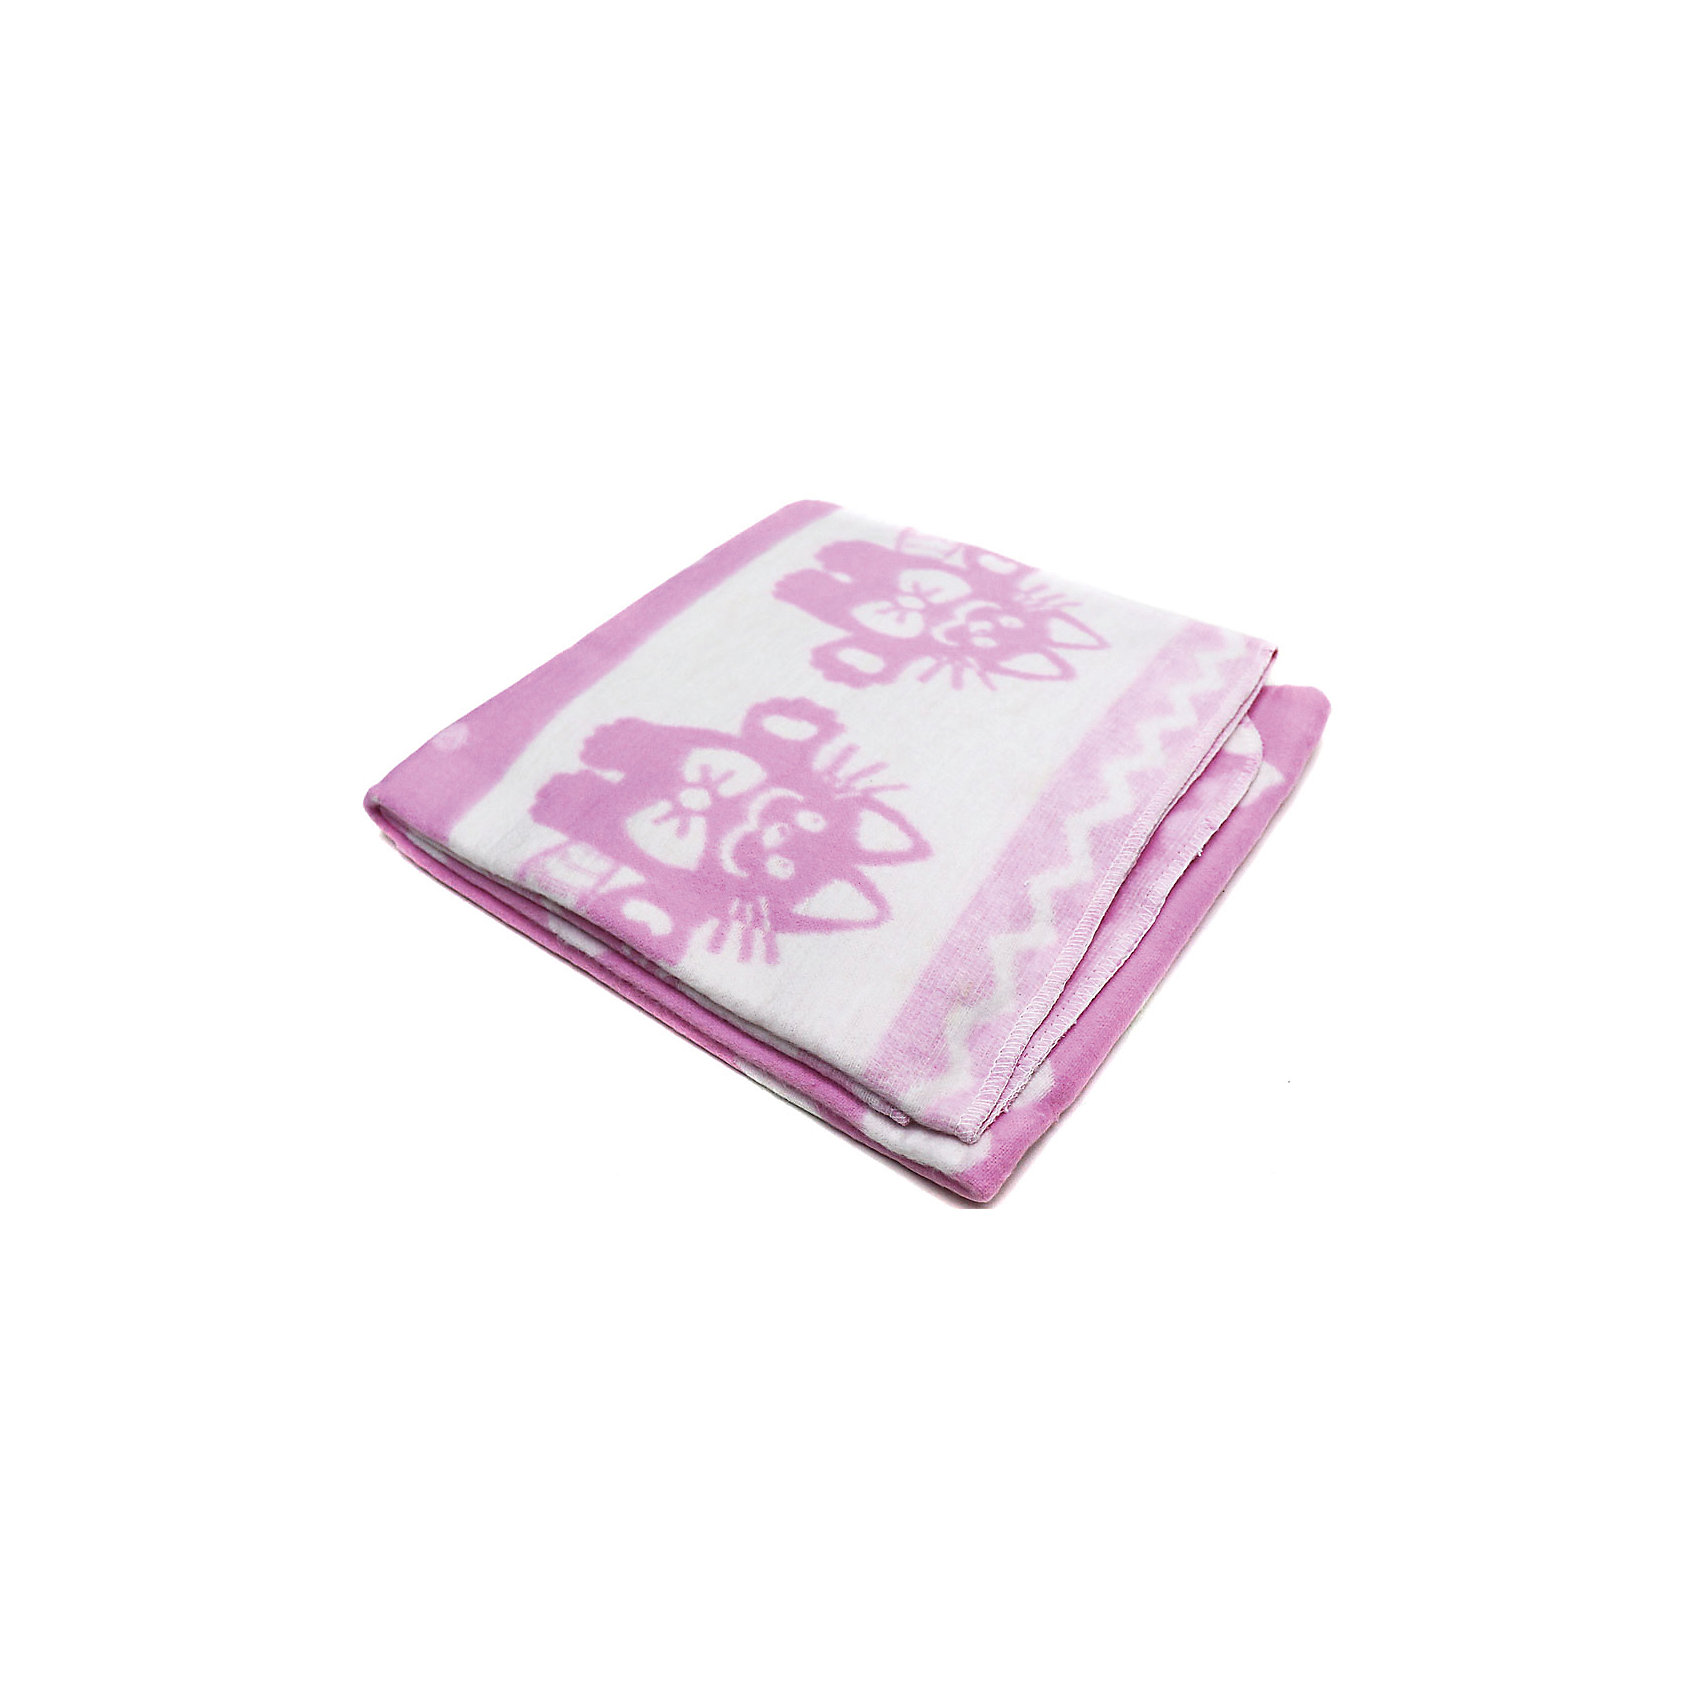 Байковое одеяло 110х118 см. (жаккард), Топотушки, розовыйБайковое одеяло 110х118 см. (жаккард), Топотушки, розовый<br><br>Характеристики:<br><br>-Размер: 100х118 см<br>-Цвет: розовый<br>-Материал: отбеленная и крашеная пряжа, 100% хлопок<br><br>Байковое одеяло 110х118 см. (жаккард), Топотушки, розовый согреет вашего ребёнка в холодное время года. Одеяло выполнено из 100% хлопка, поэтому не вызовет аллергическую реакцию. Весёлые картинки будет радовать вашего ребёнка. Оно большого размера, поэтому его можно использовать и в пеленании ребёнка. Оно мягкое и приятное на ощупь, поэтому сделает сон вашего ребёнка еще комфортнее. <br><br>Байковое одеяло 110х118 см. (жаккард), Топотушки, розовый можно приобрести в нашем интернет-магазине.<br><br>Ширина мм: 370<br>Глубина мм: 360<br>Высота мм: 30<br>Вес г: 580<br>Возраст от месяцев: 0<br>Возраст до месяцев: 36<br>Пол: Женский<br>Возраст: Детский<br>SKU: 5086338